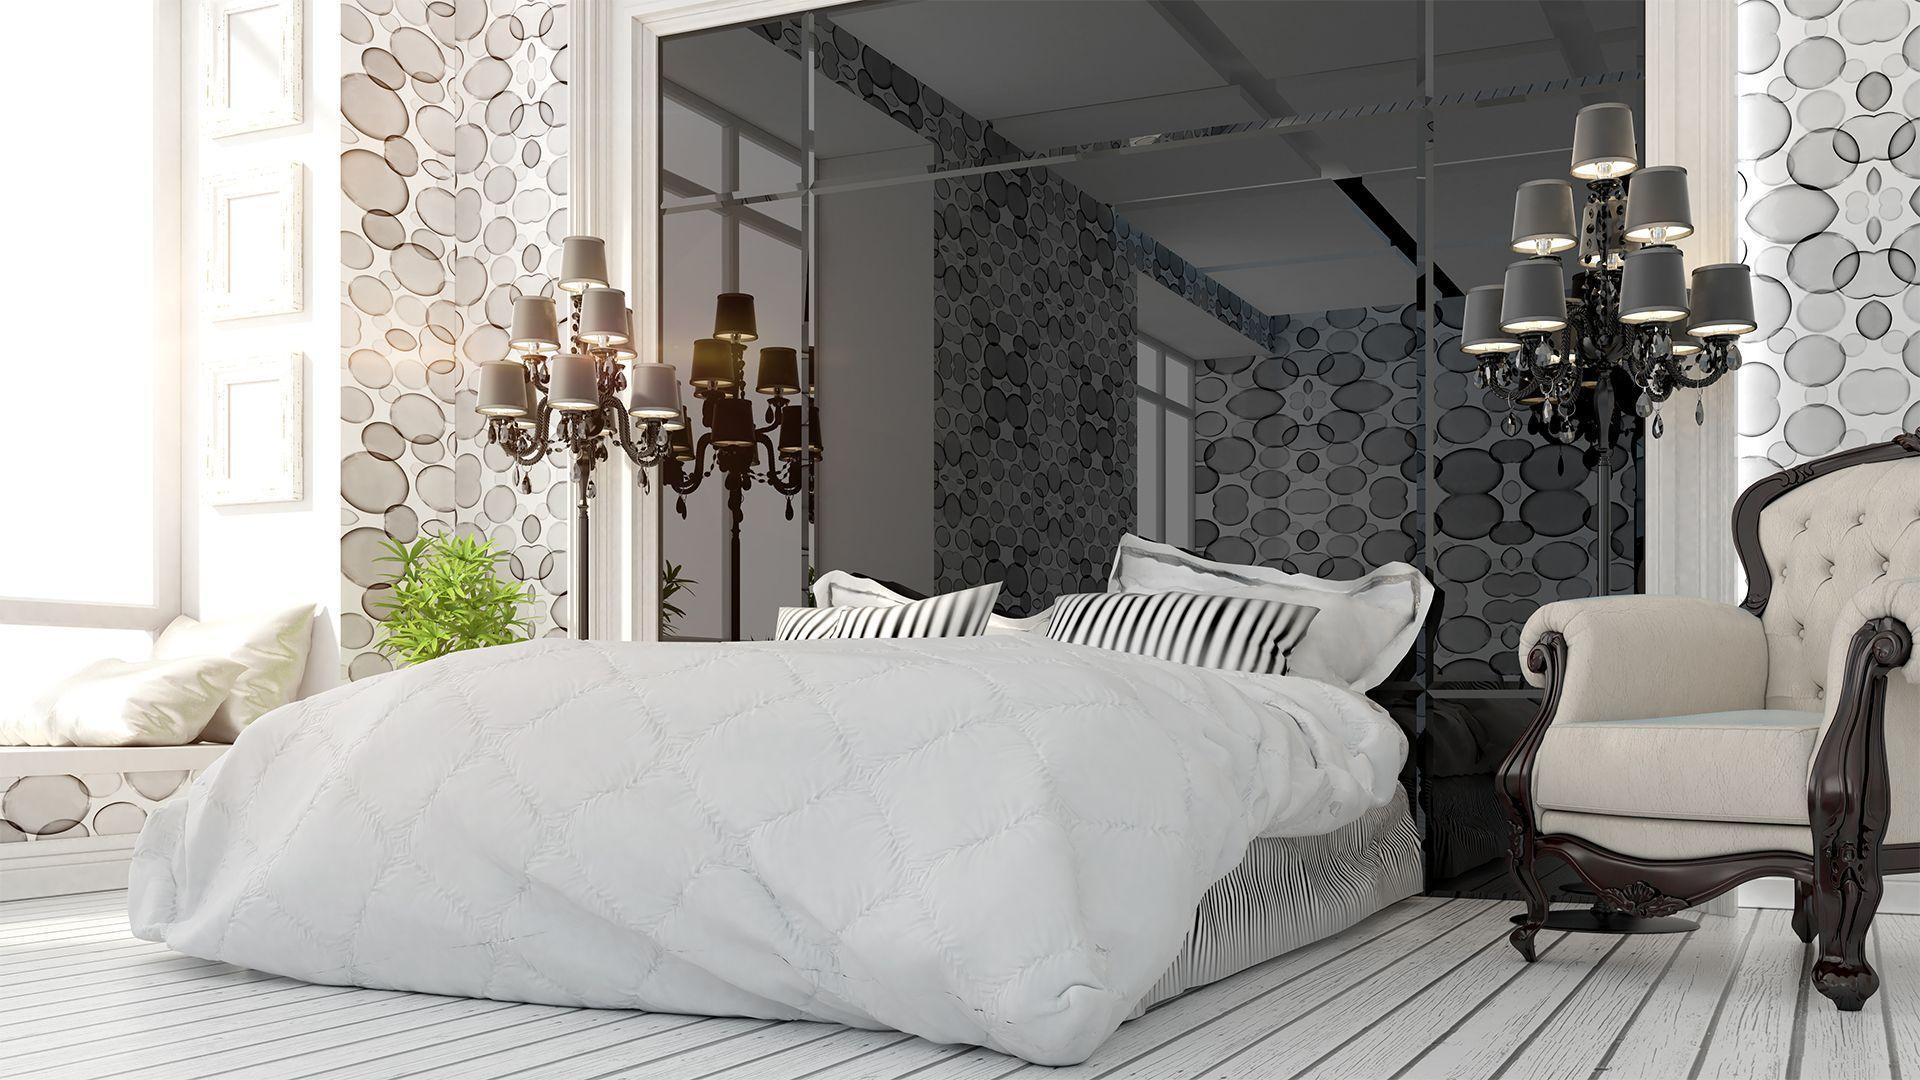 Nieuwe slaapkamer – interieuradvies in de regio Helmond, Eindhoven ...